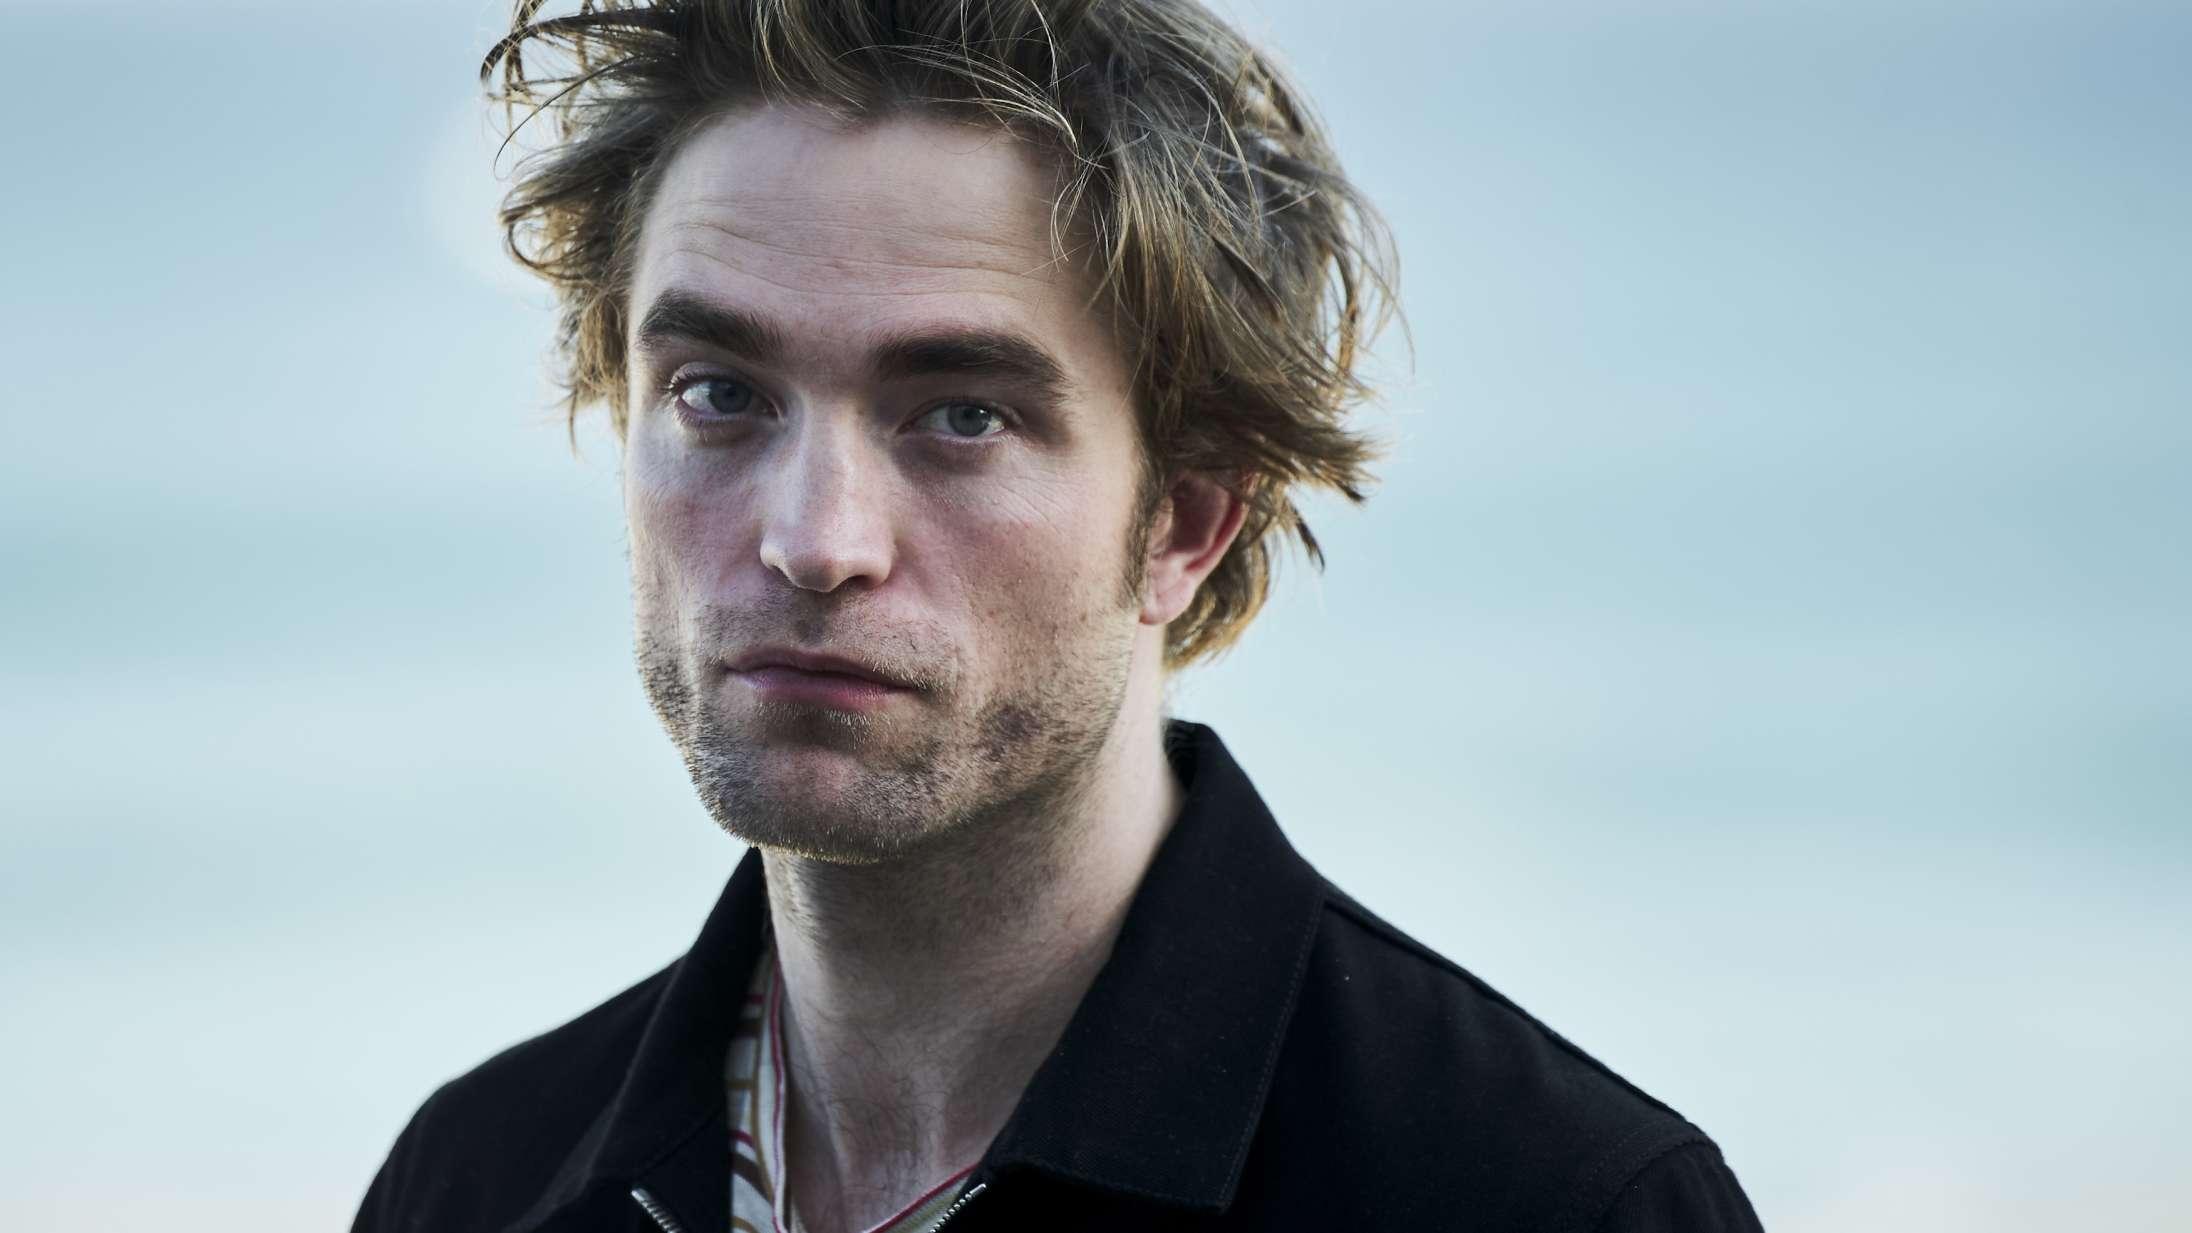 Robert Pattinson taler ud om skiftet fra indieprojekter til superheltefilm –det handler om overlevelse